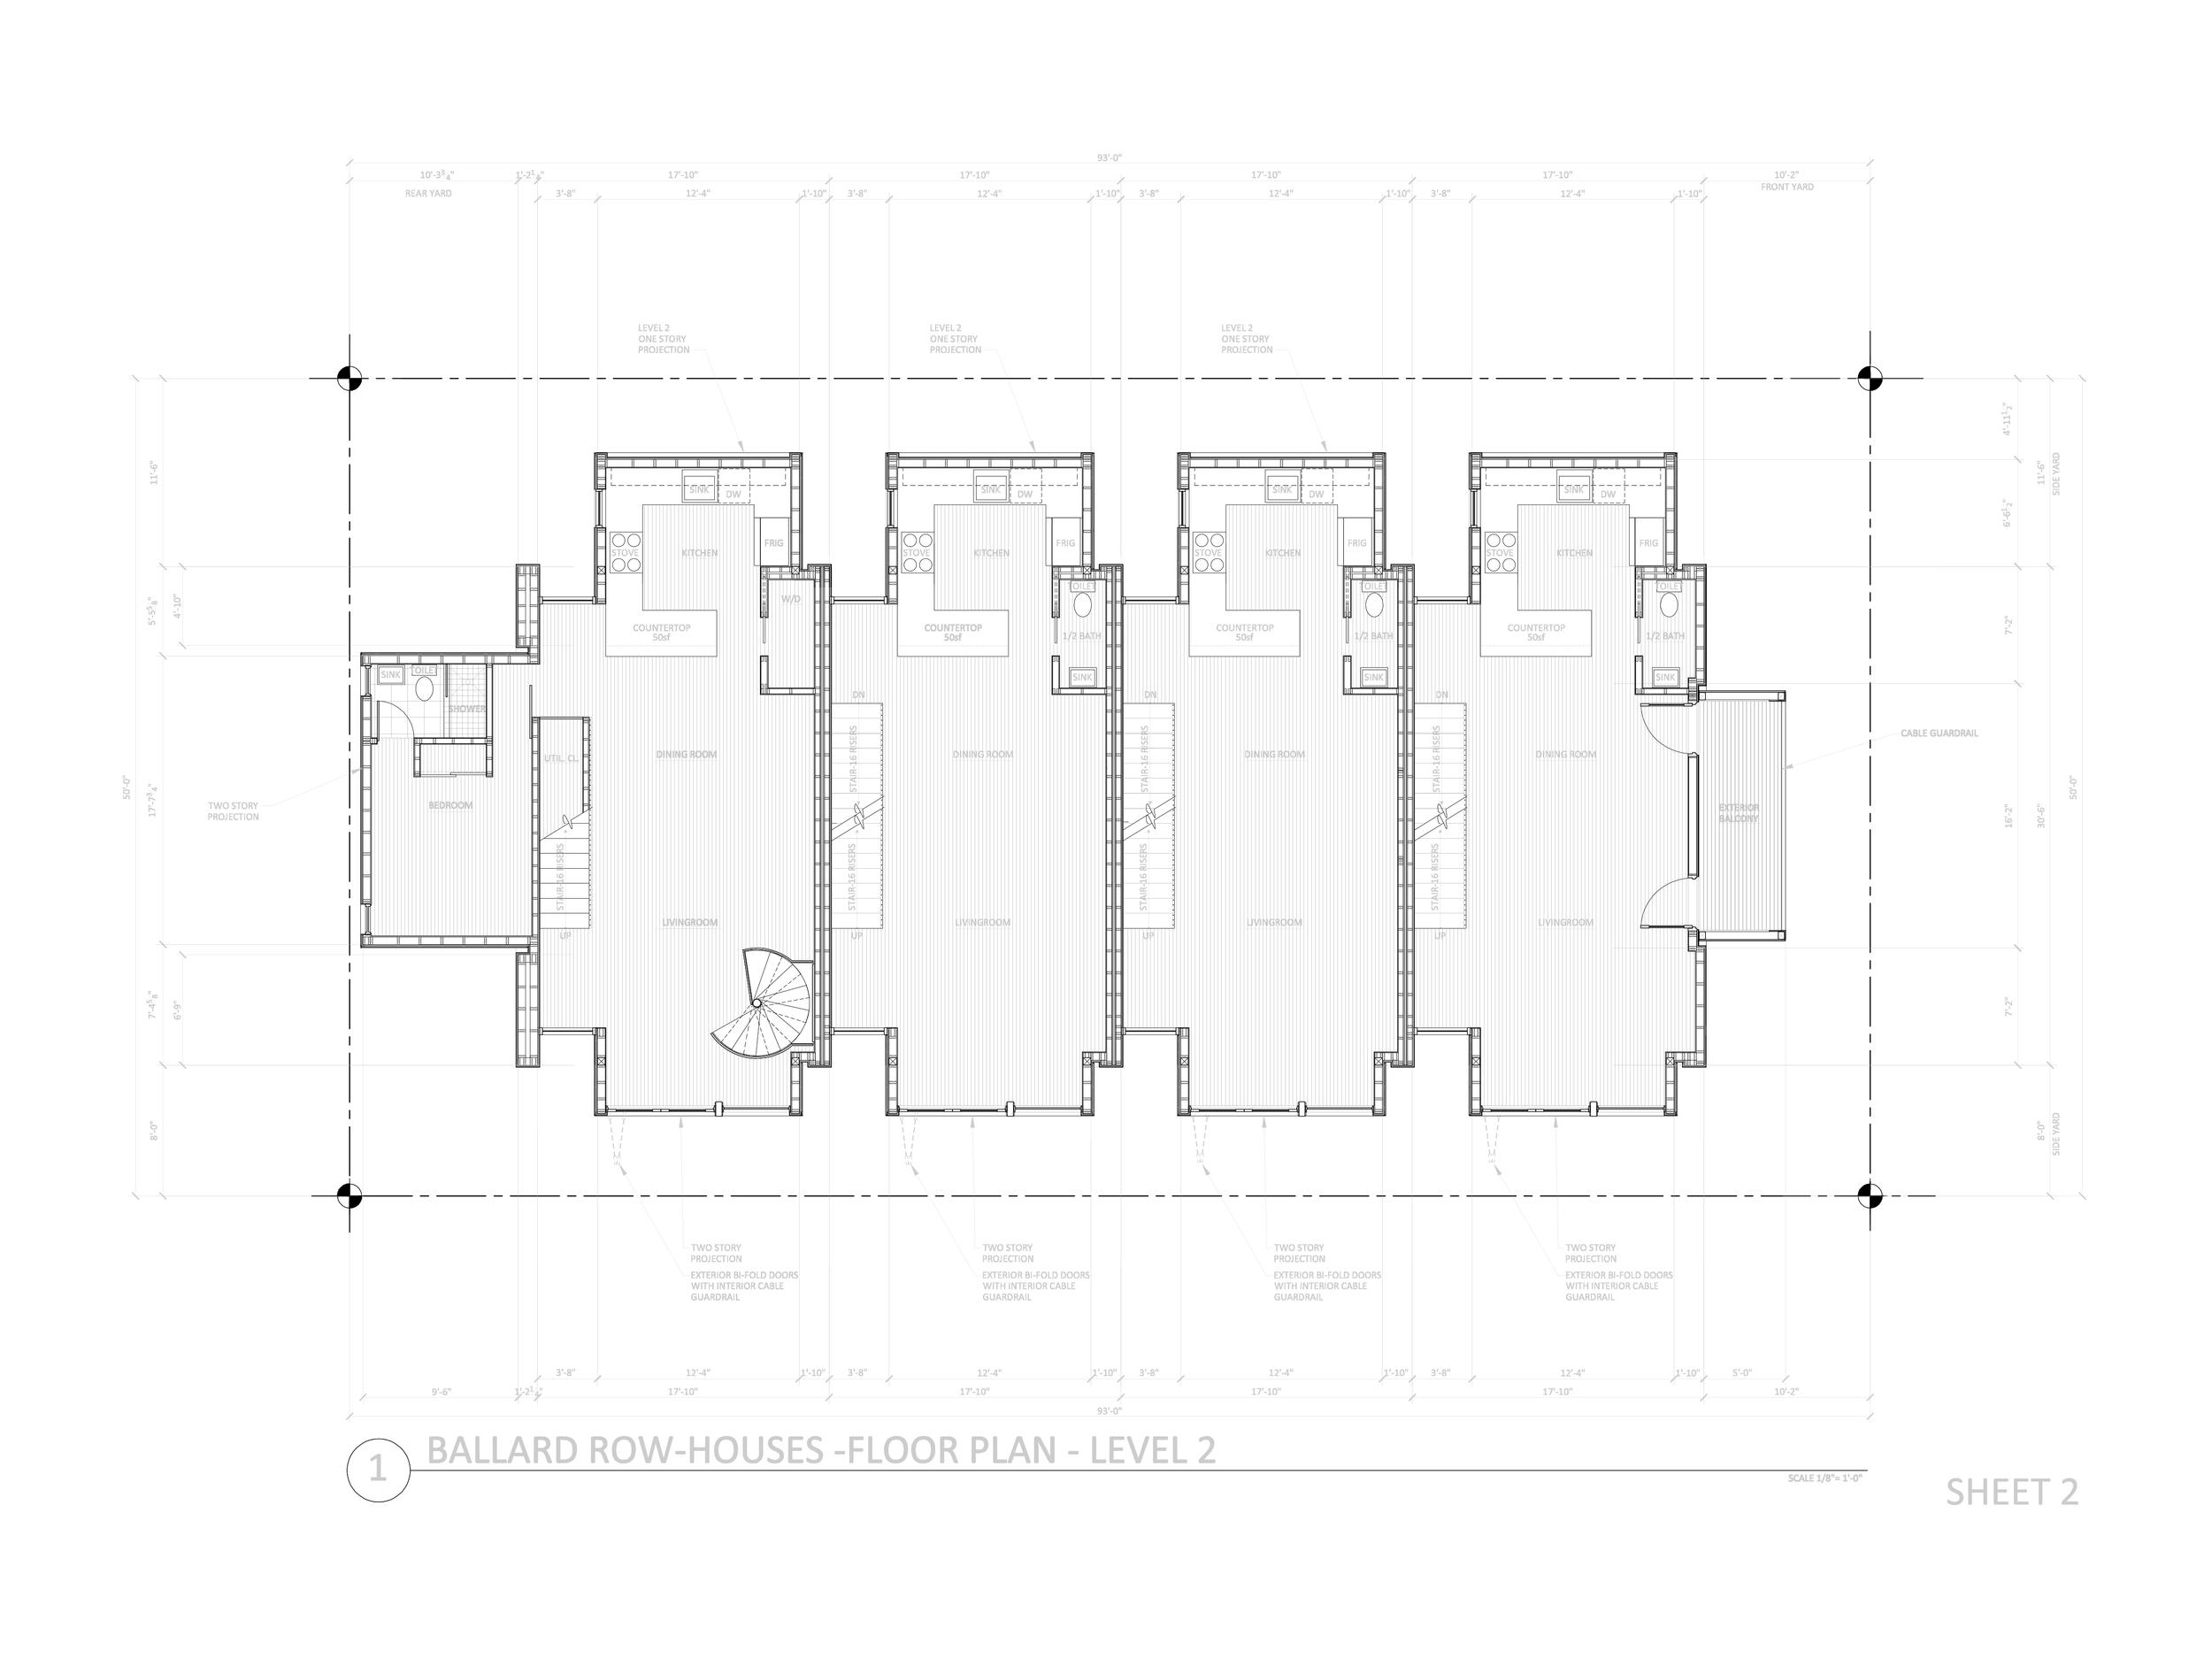 DD Set - Second Floor Plan